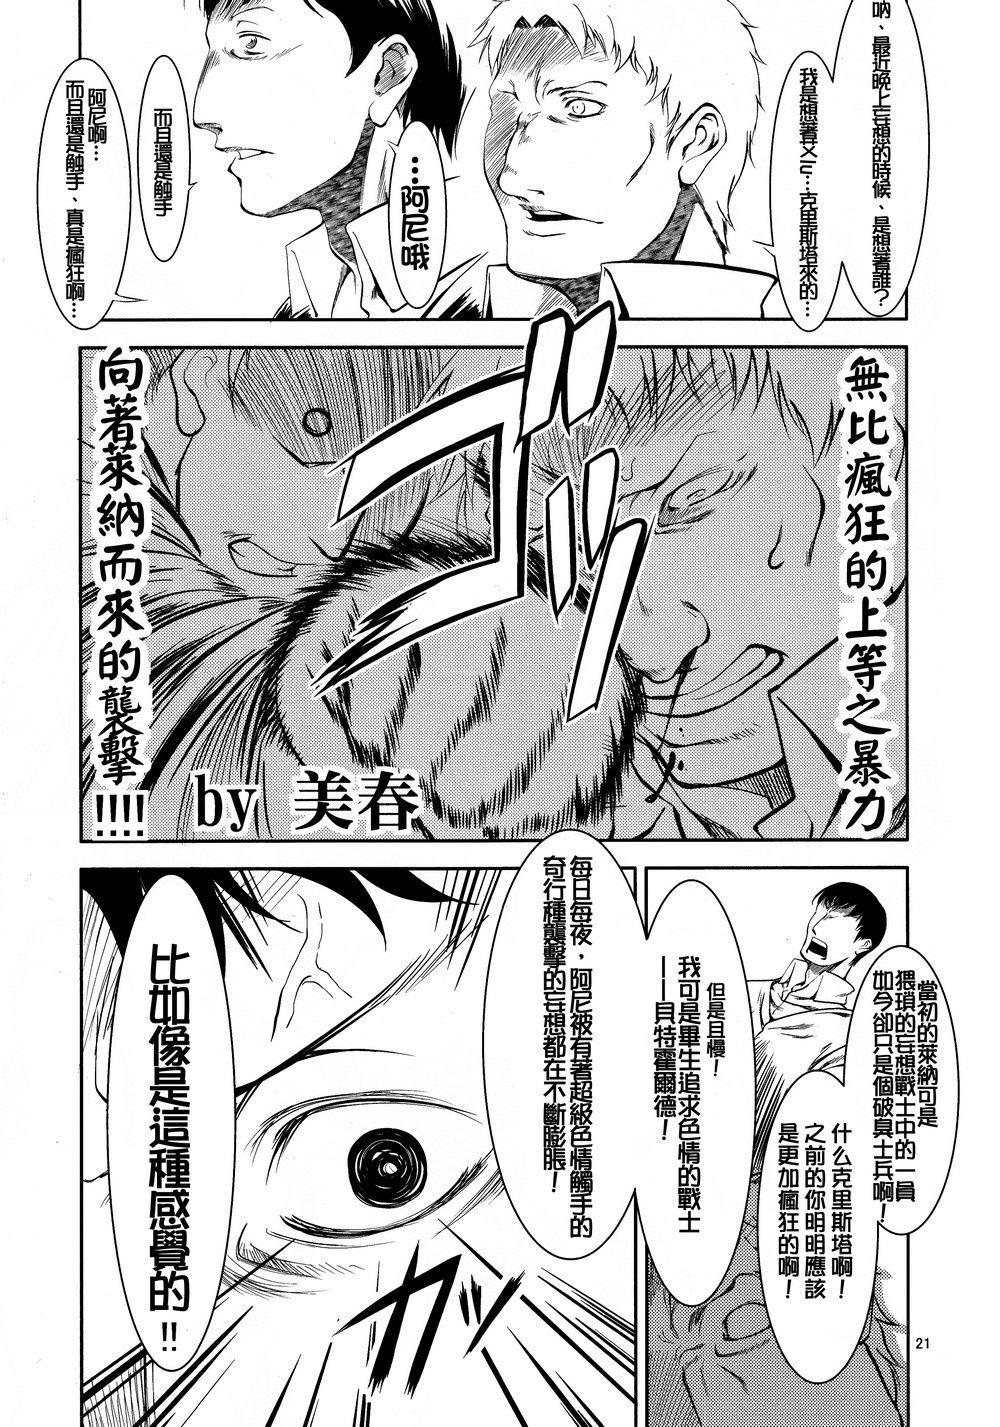 Sekai no shinditsu hentai manga picture 17